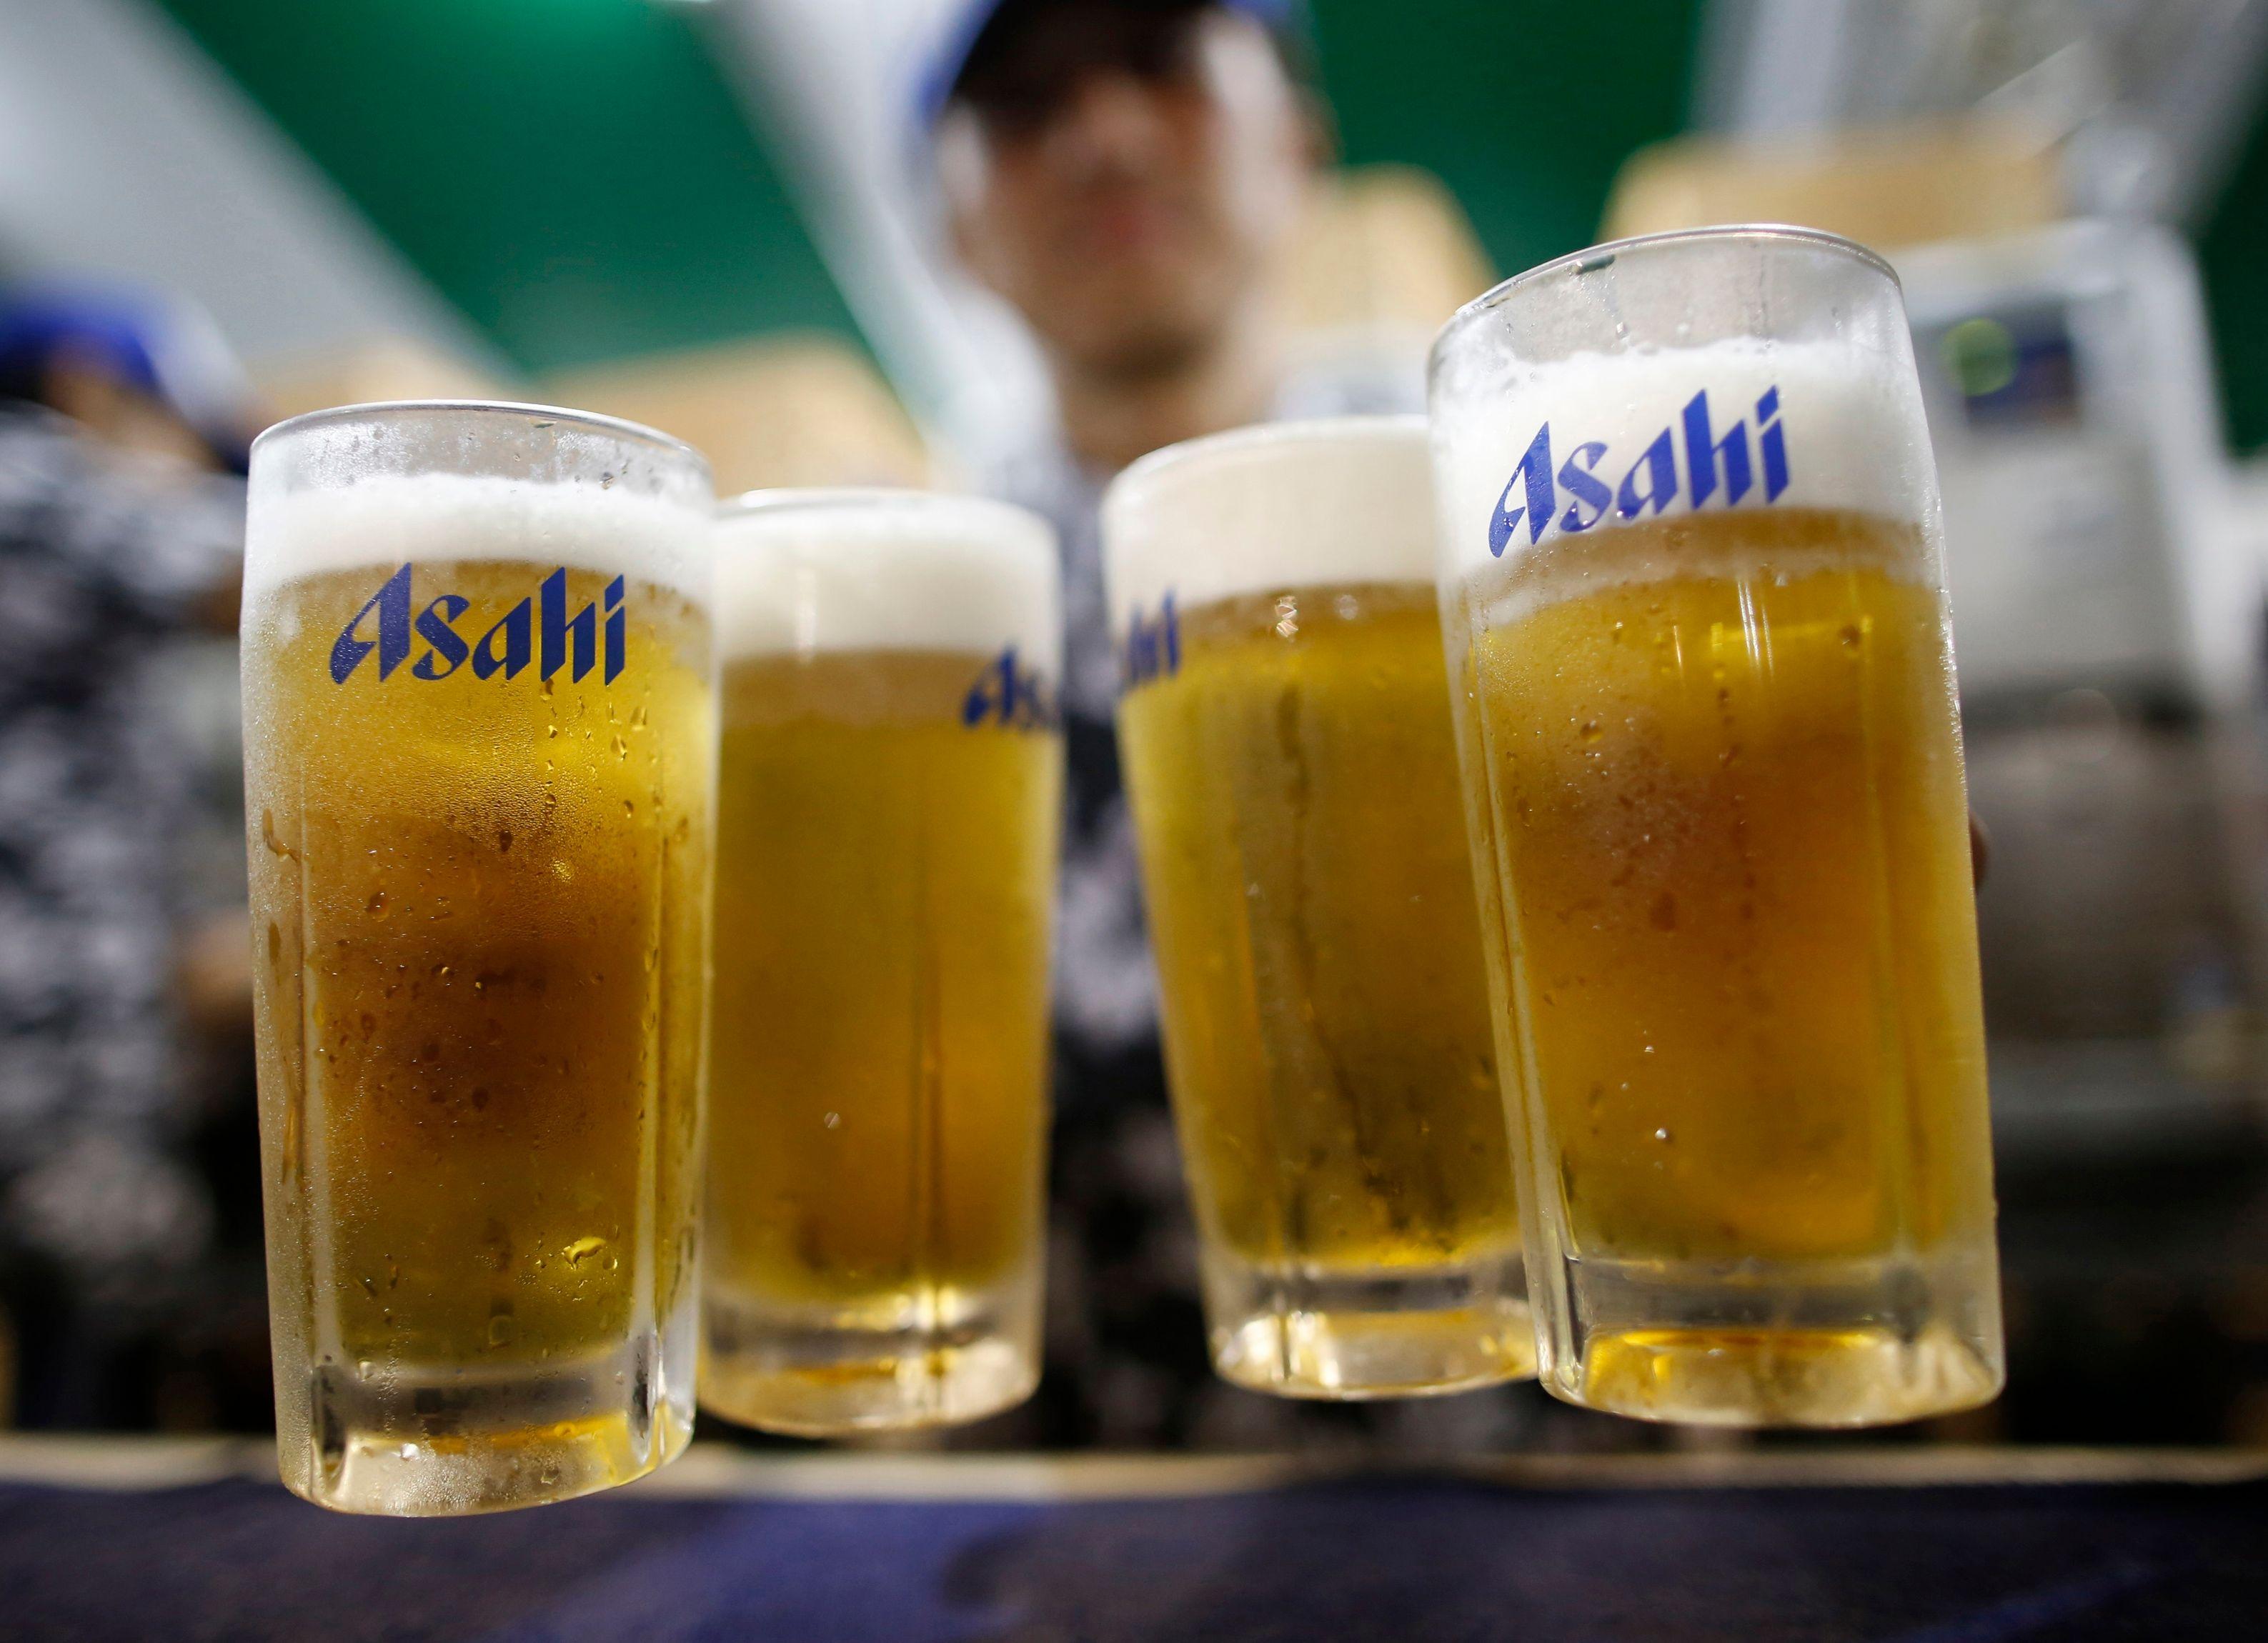 Auparavant, la limite était de 21 unités d'alcool par semaine pour les hommes britannique